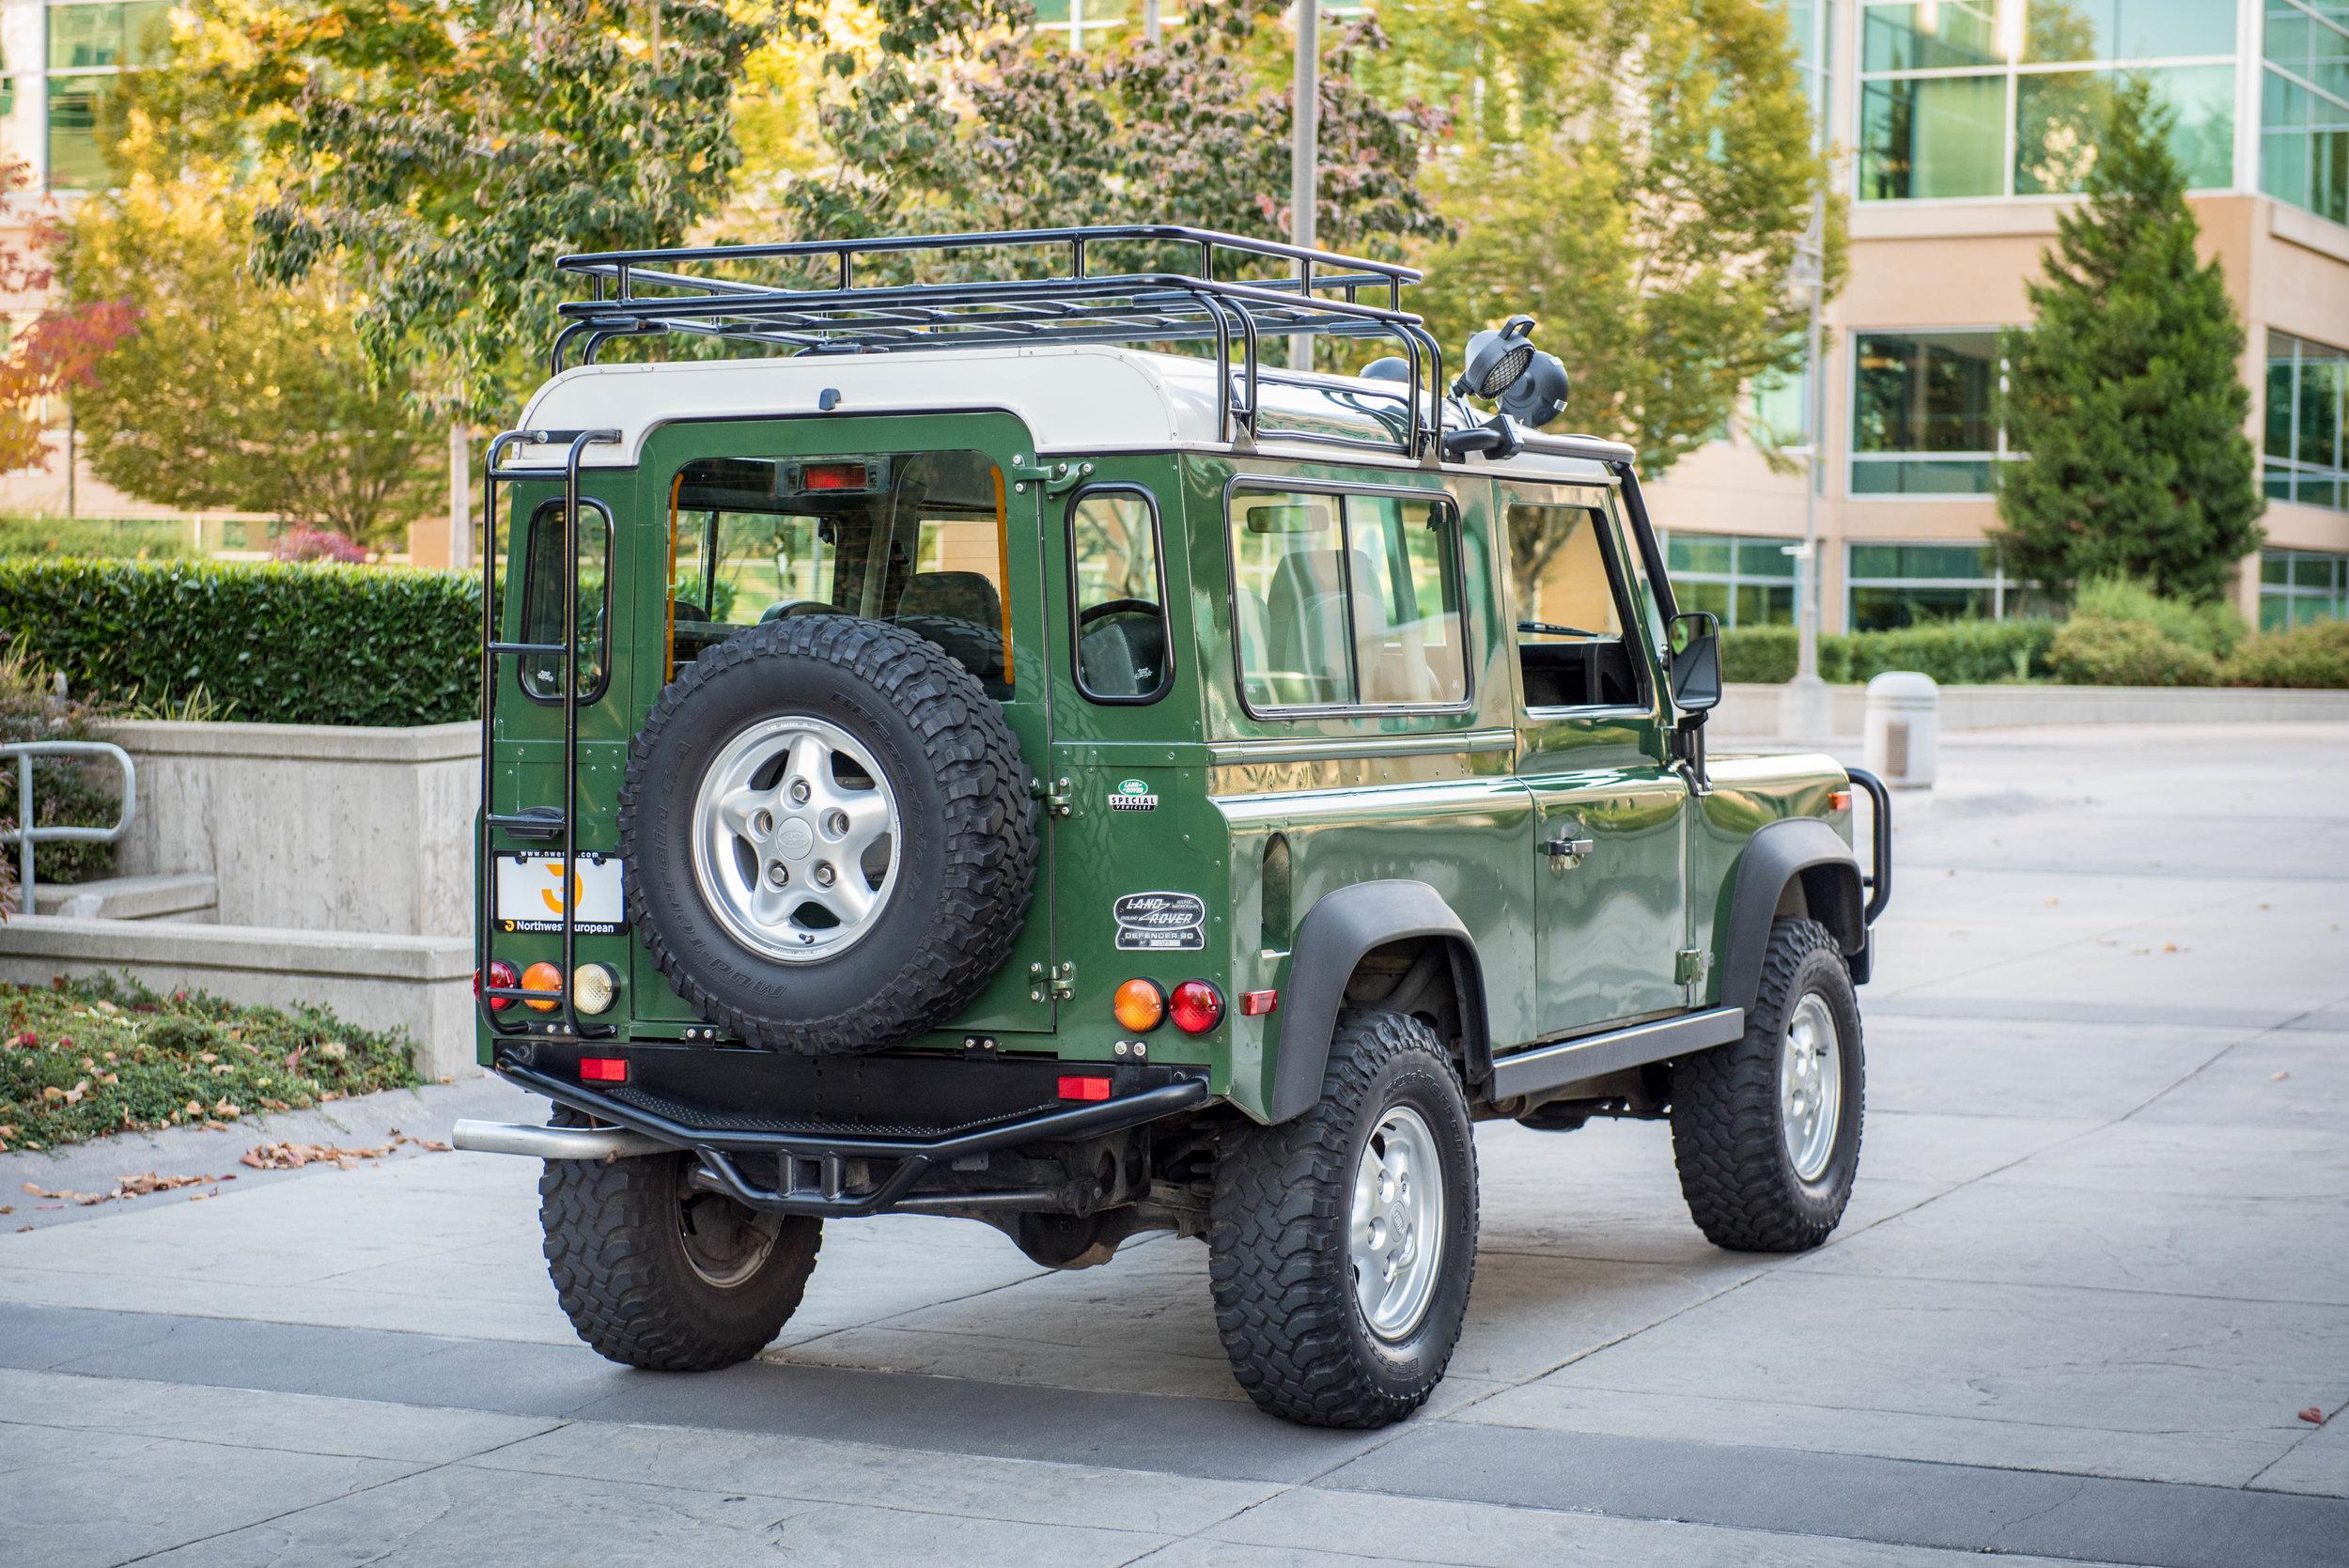 1997 Land Rover Defender 90 NAS — Northwest European